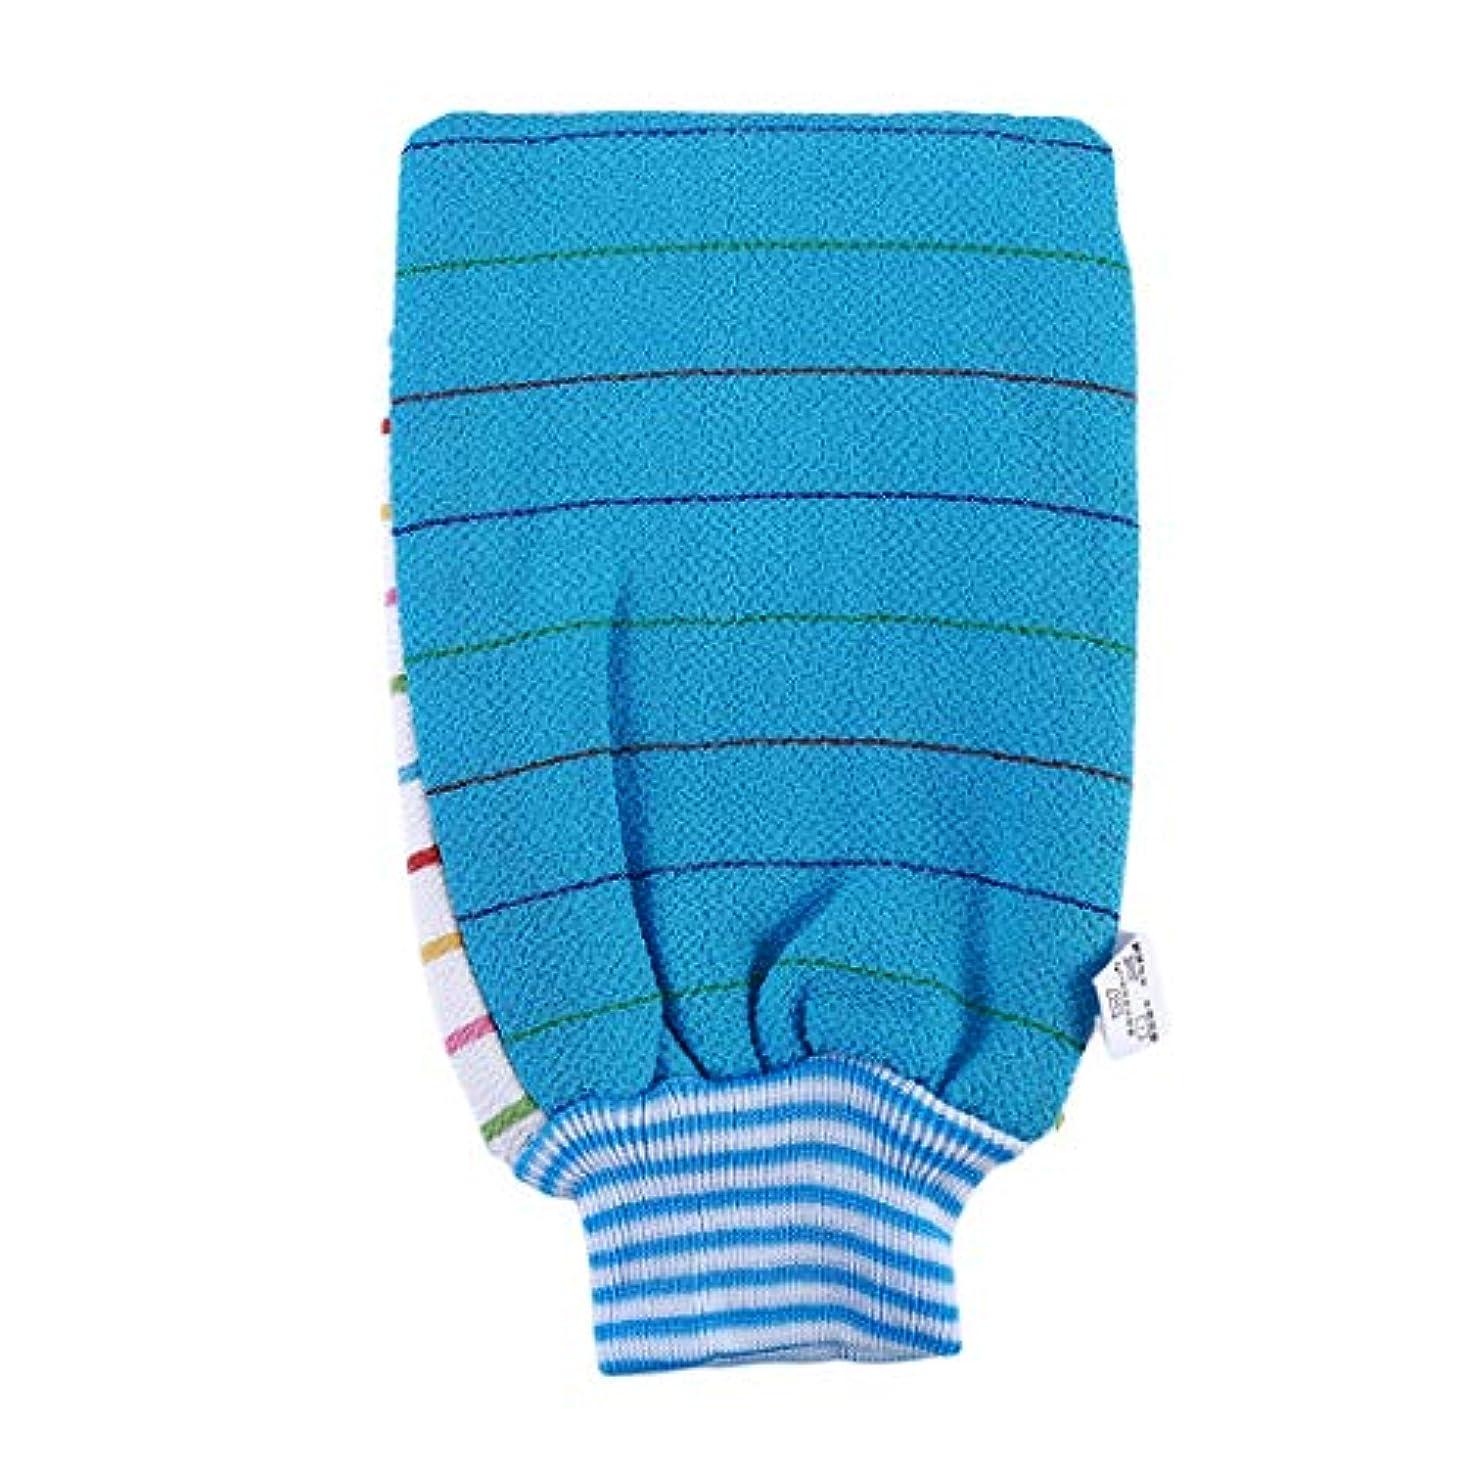 アジアフィードマーキングKLUMA 浴用手袋 ボディ手袋 ボディタオル 垢すり用グローブ 毛穴清潔 角質除去 入浴用品 ブルー